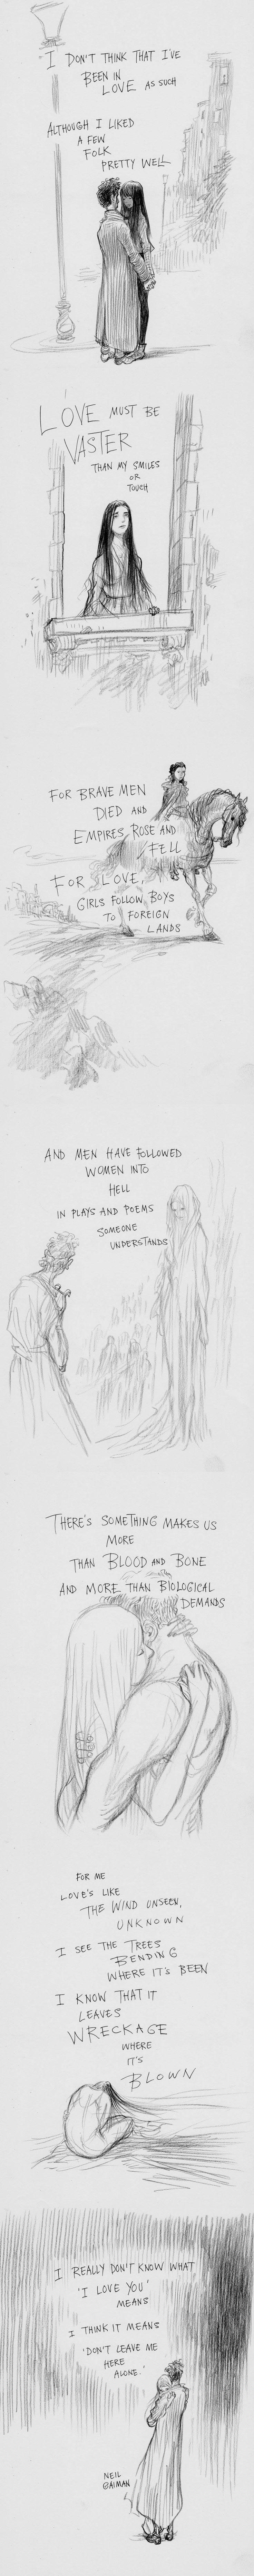 Chris Riddell illustrates Dark Sonnet by Neil Gaiman